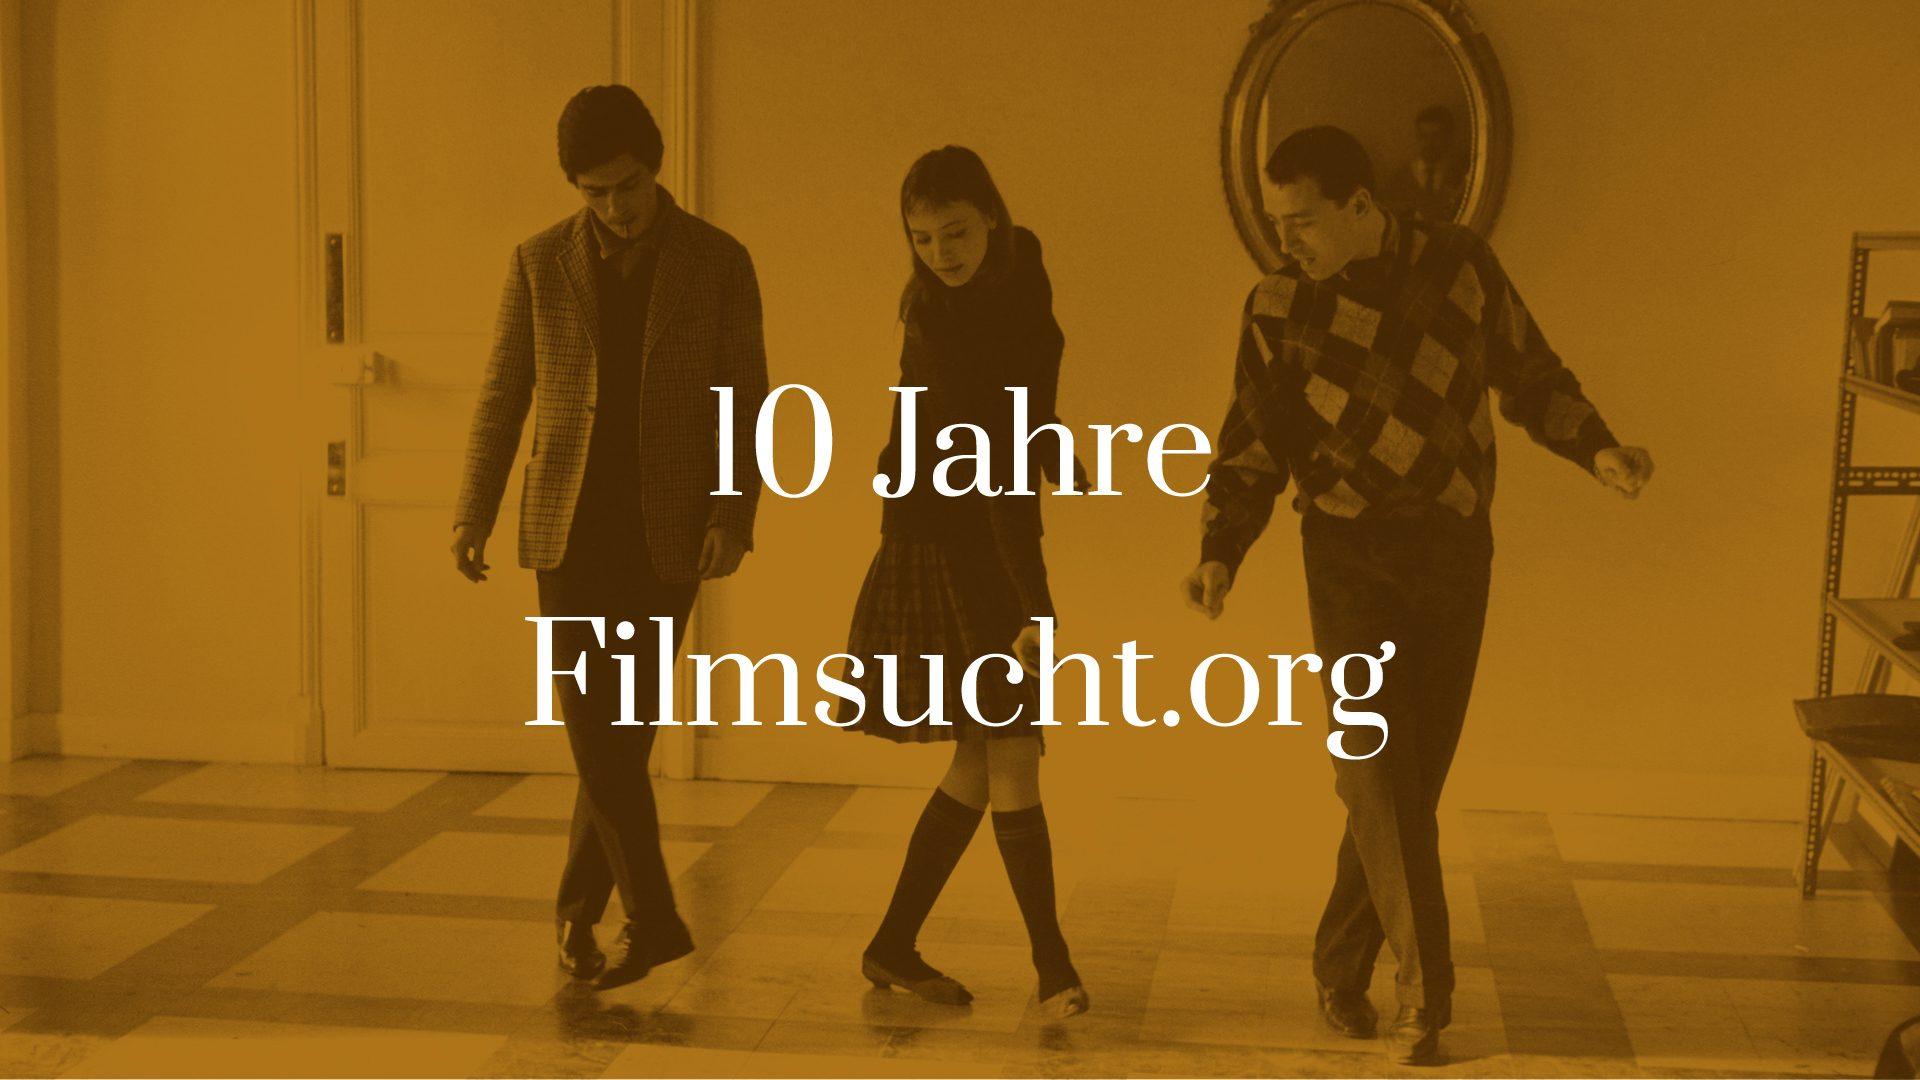 Symbolbild zu 10 Jahre Filmsucht.org